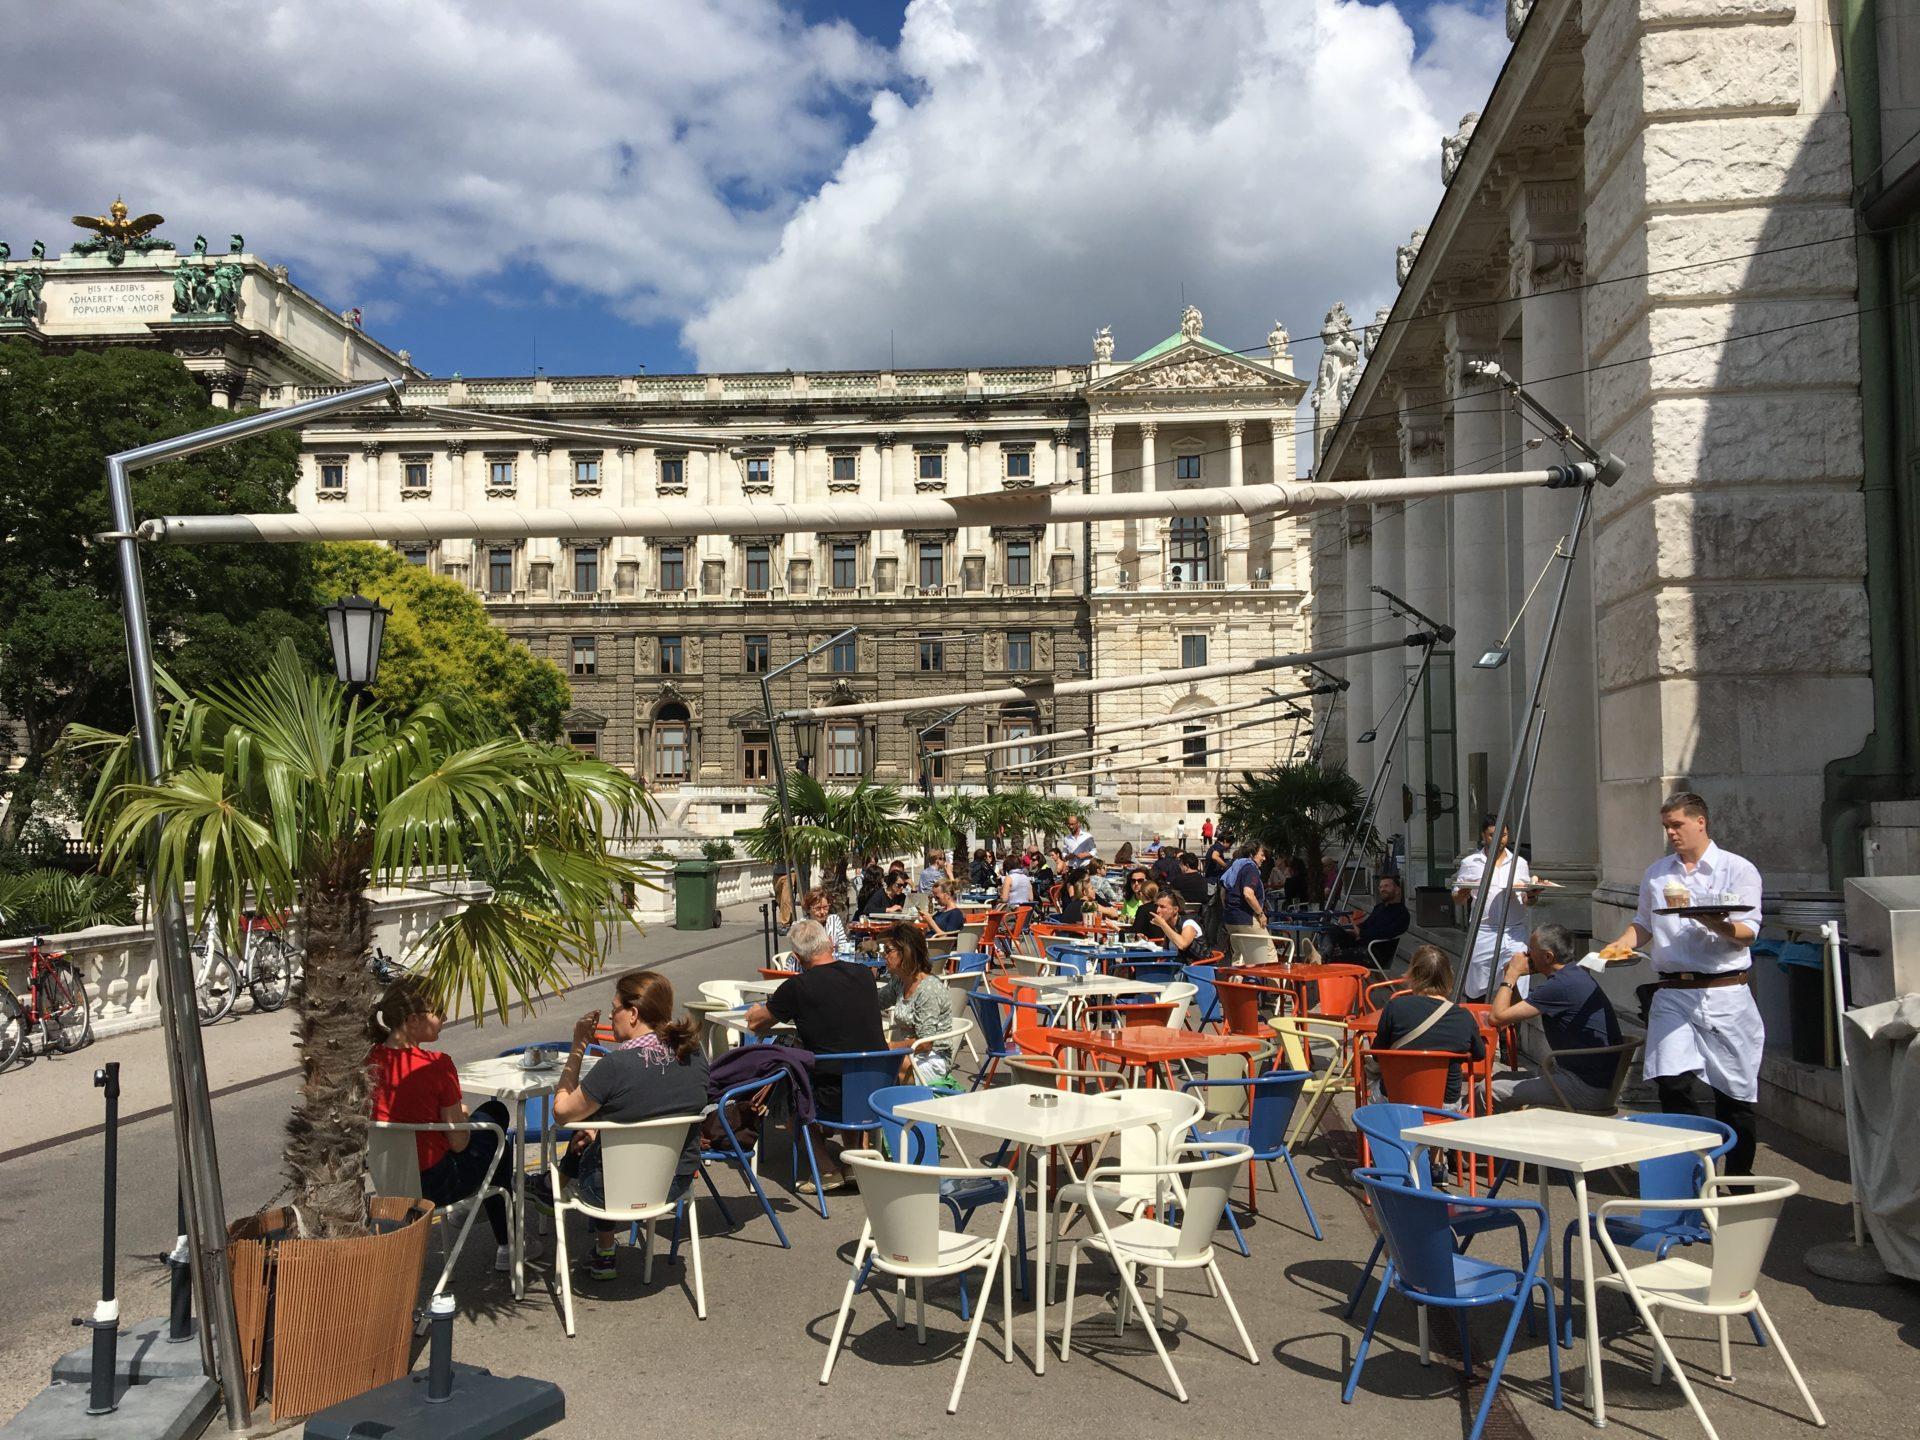 Palmenhaus Vienna Austria